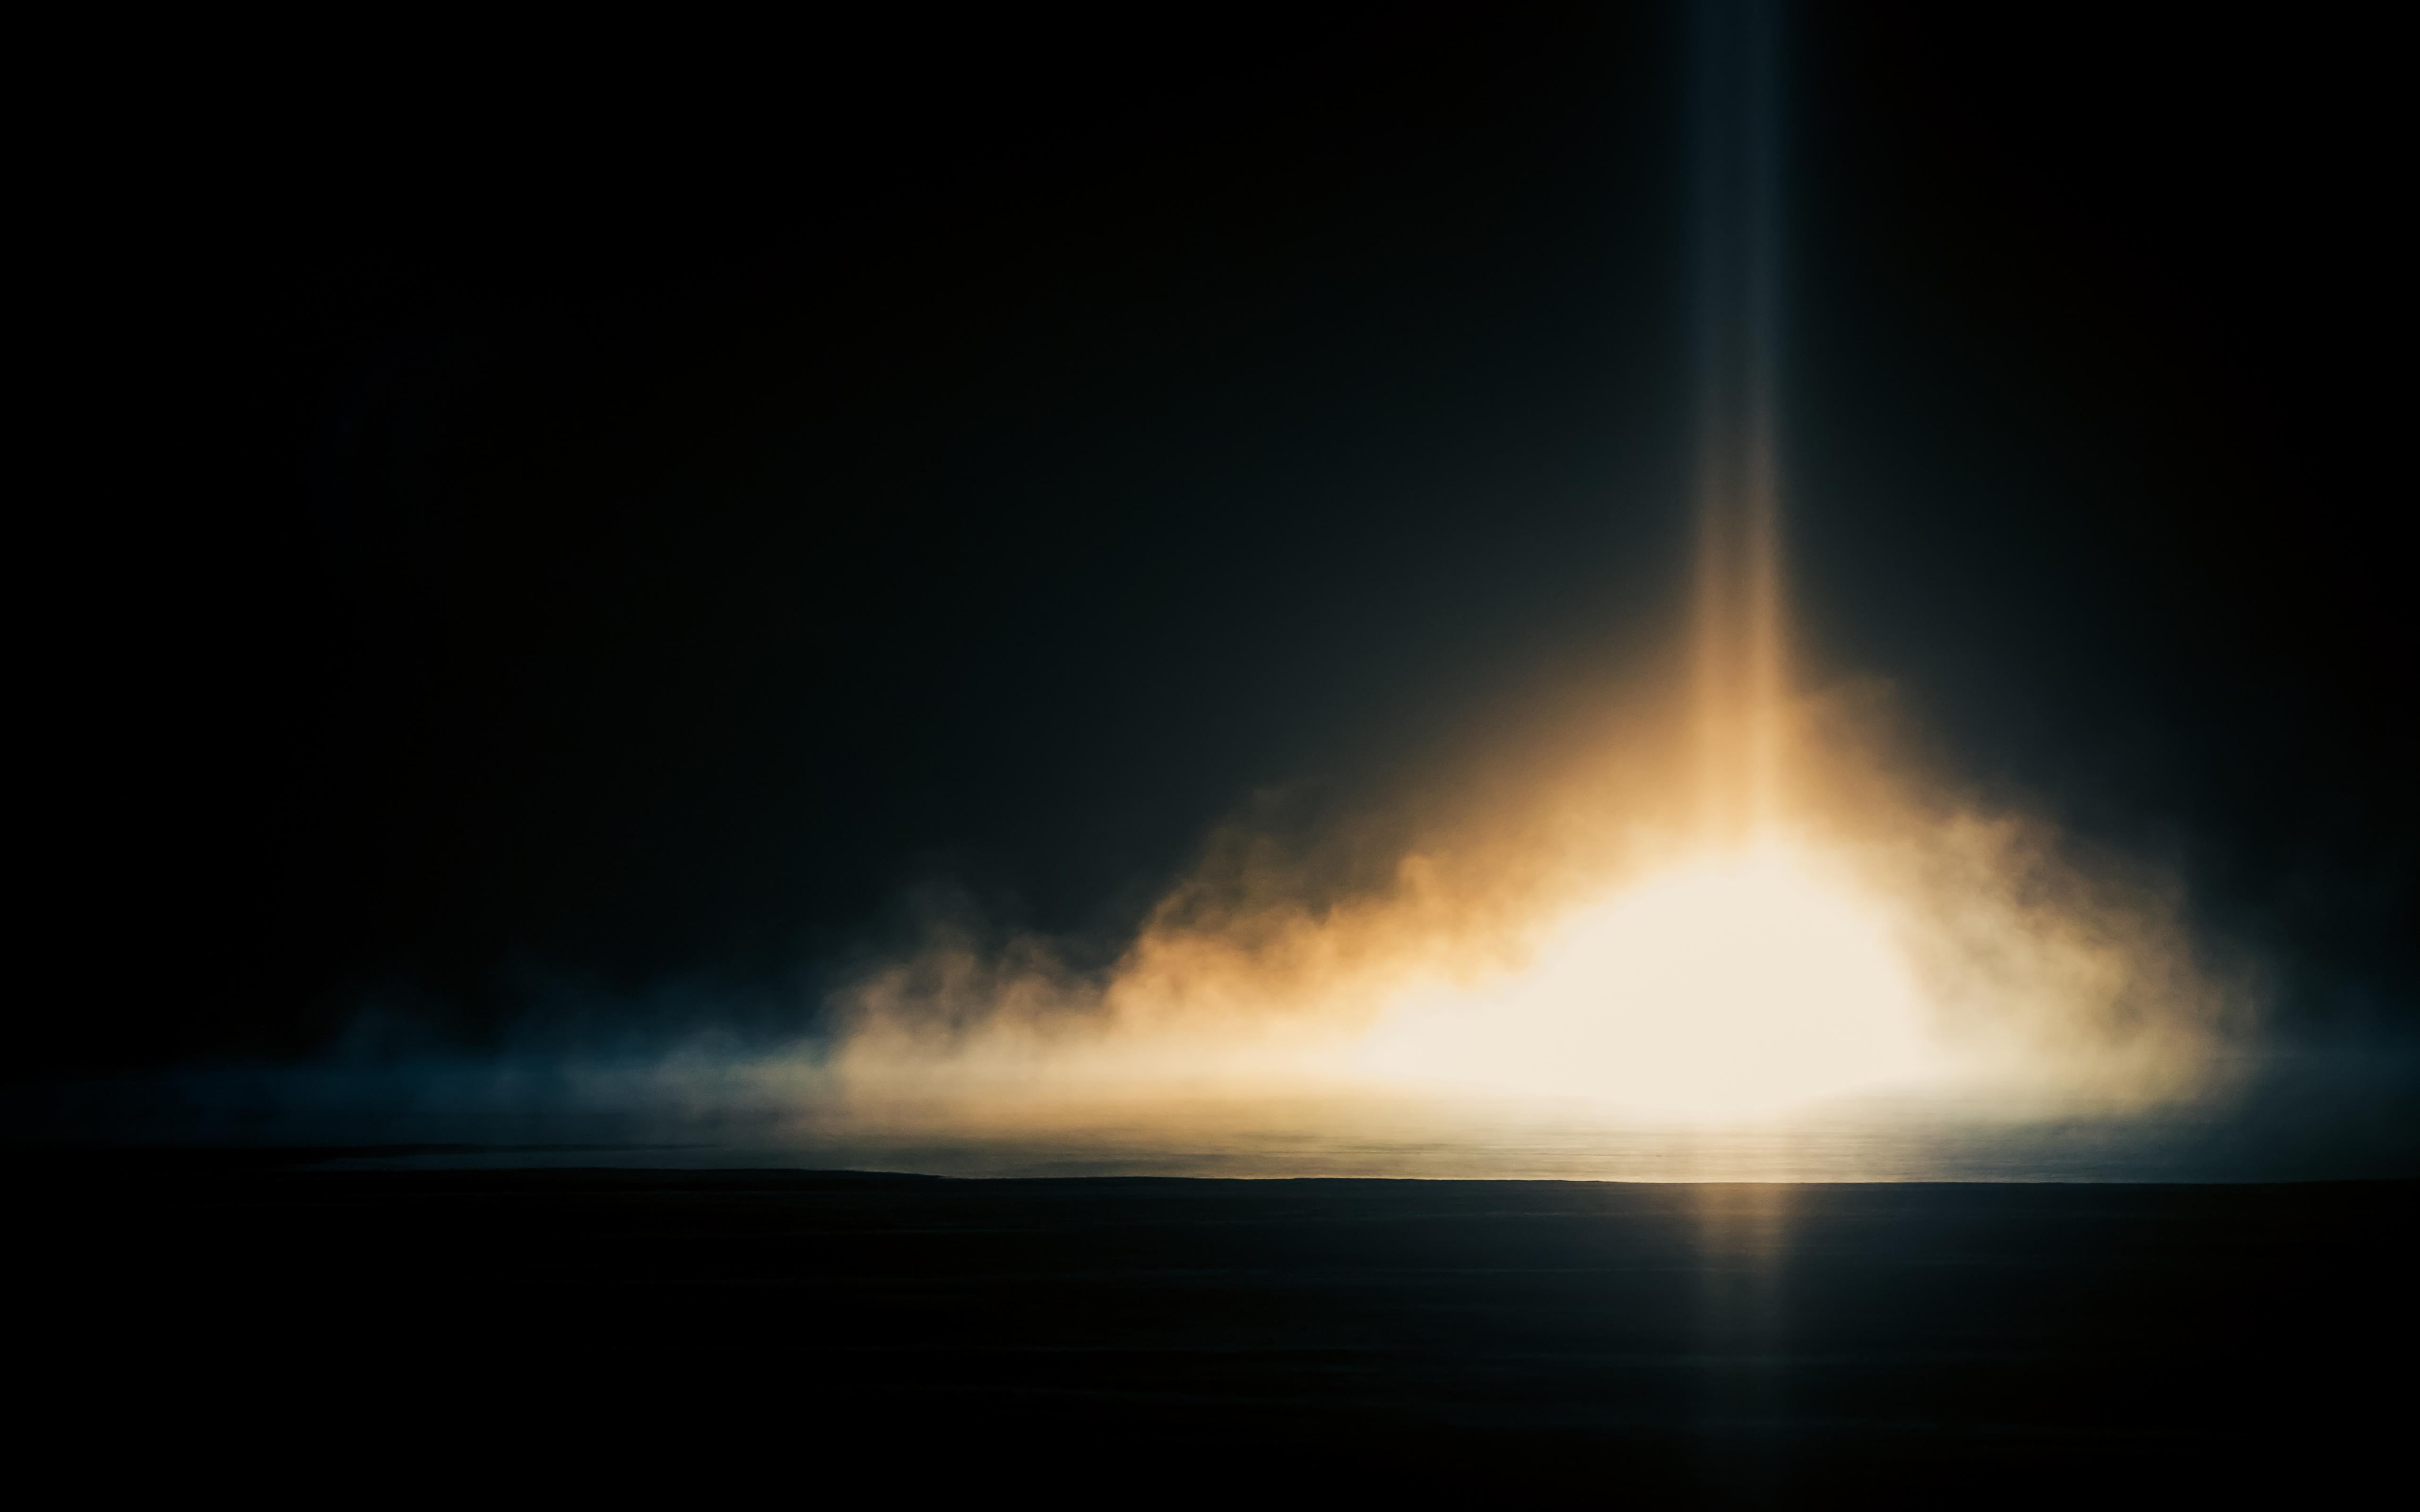 Bang! By Jaakko Moilanen, cold, fog, mist, sun, sunrise, ice, explosion